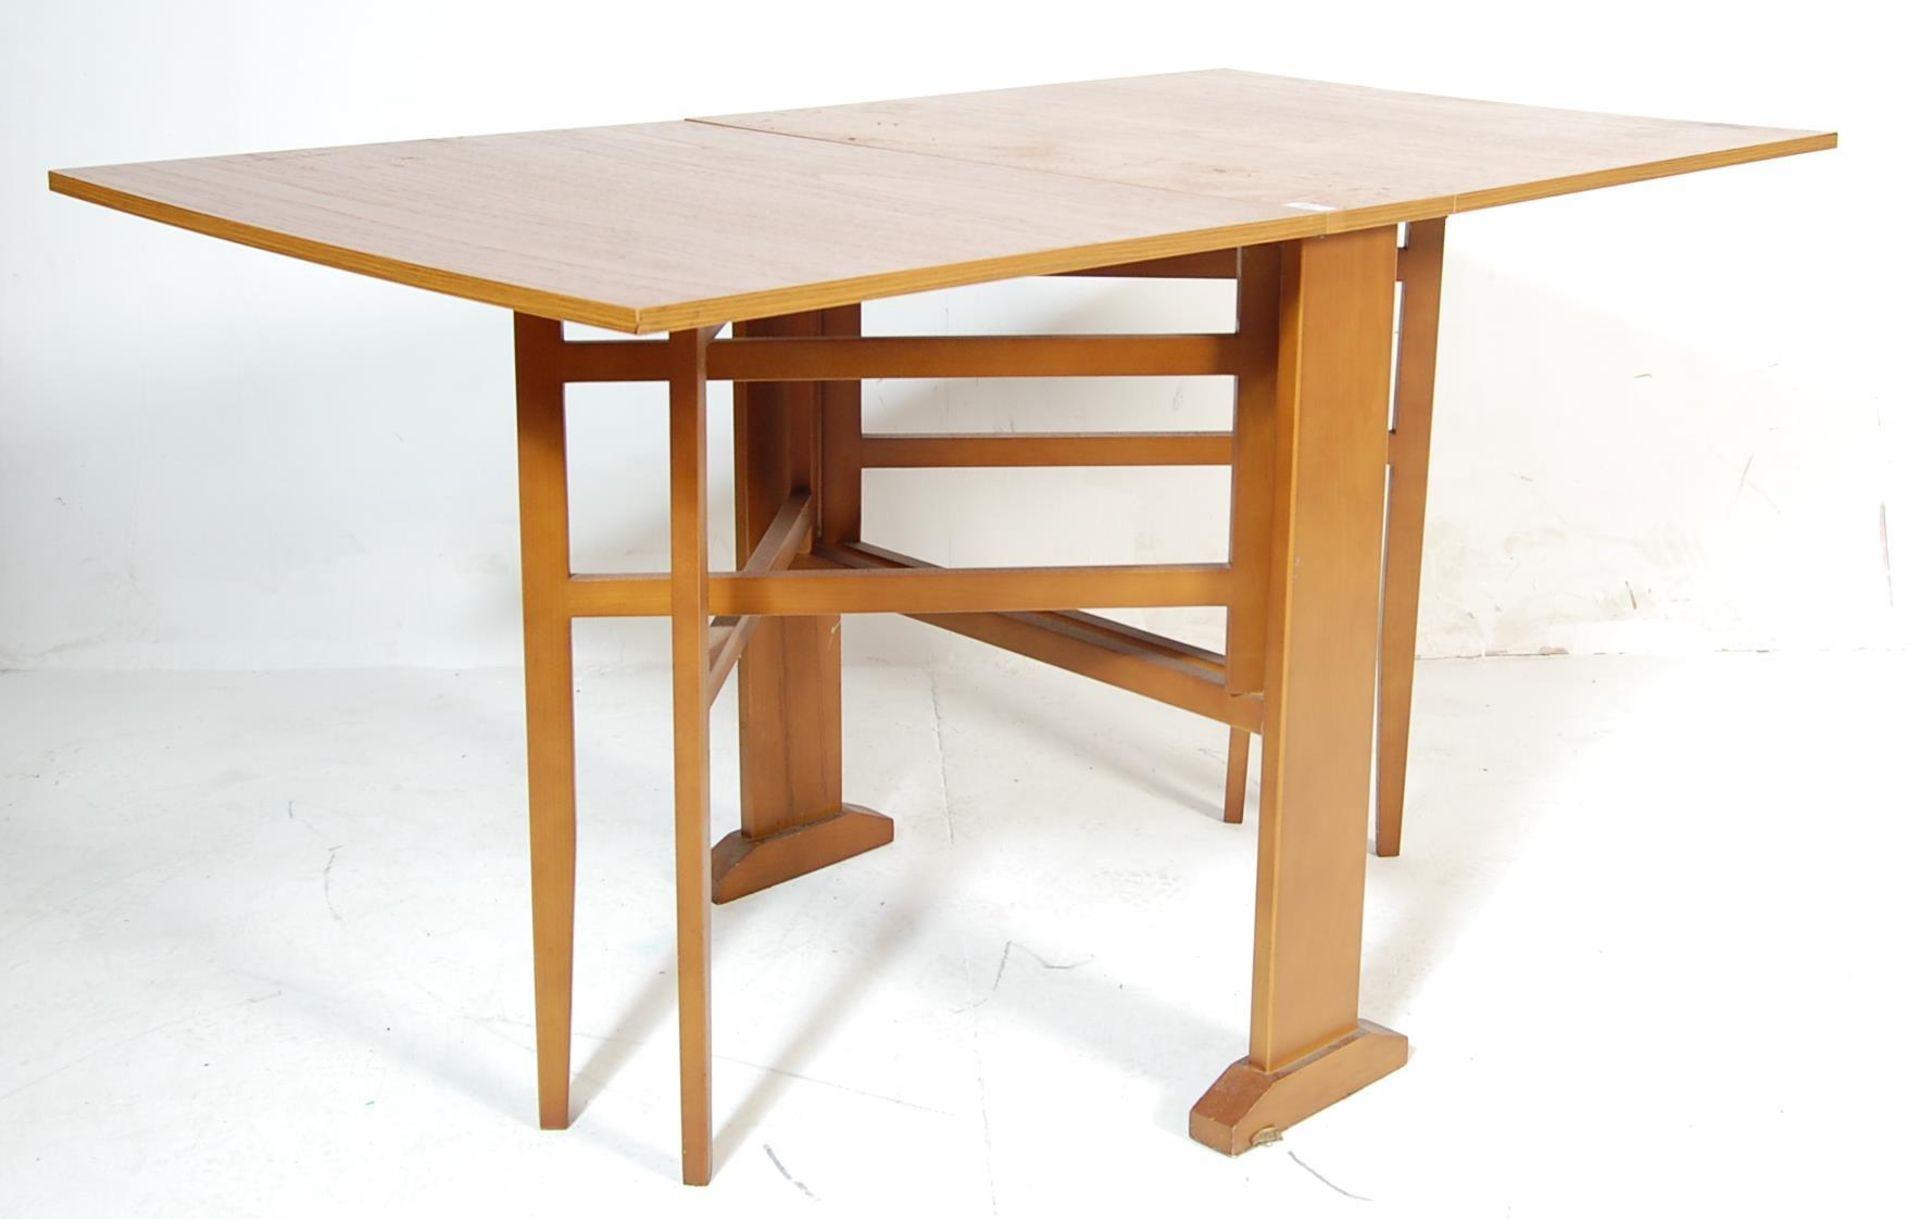 RETRO VINTAGE 1960S TEAK WOOD DINING TABLE - Image 2 of 5